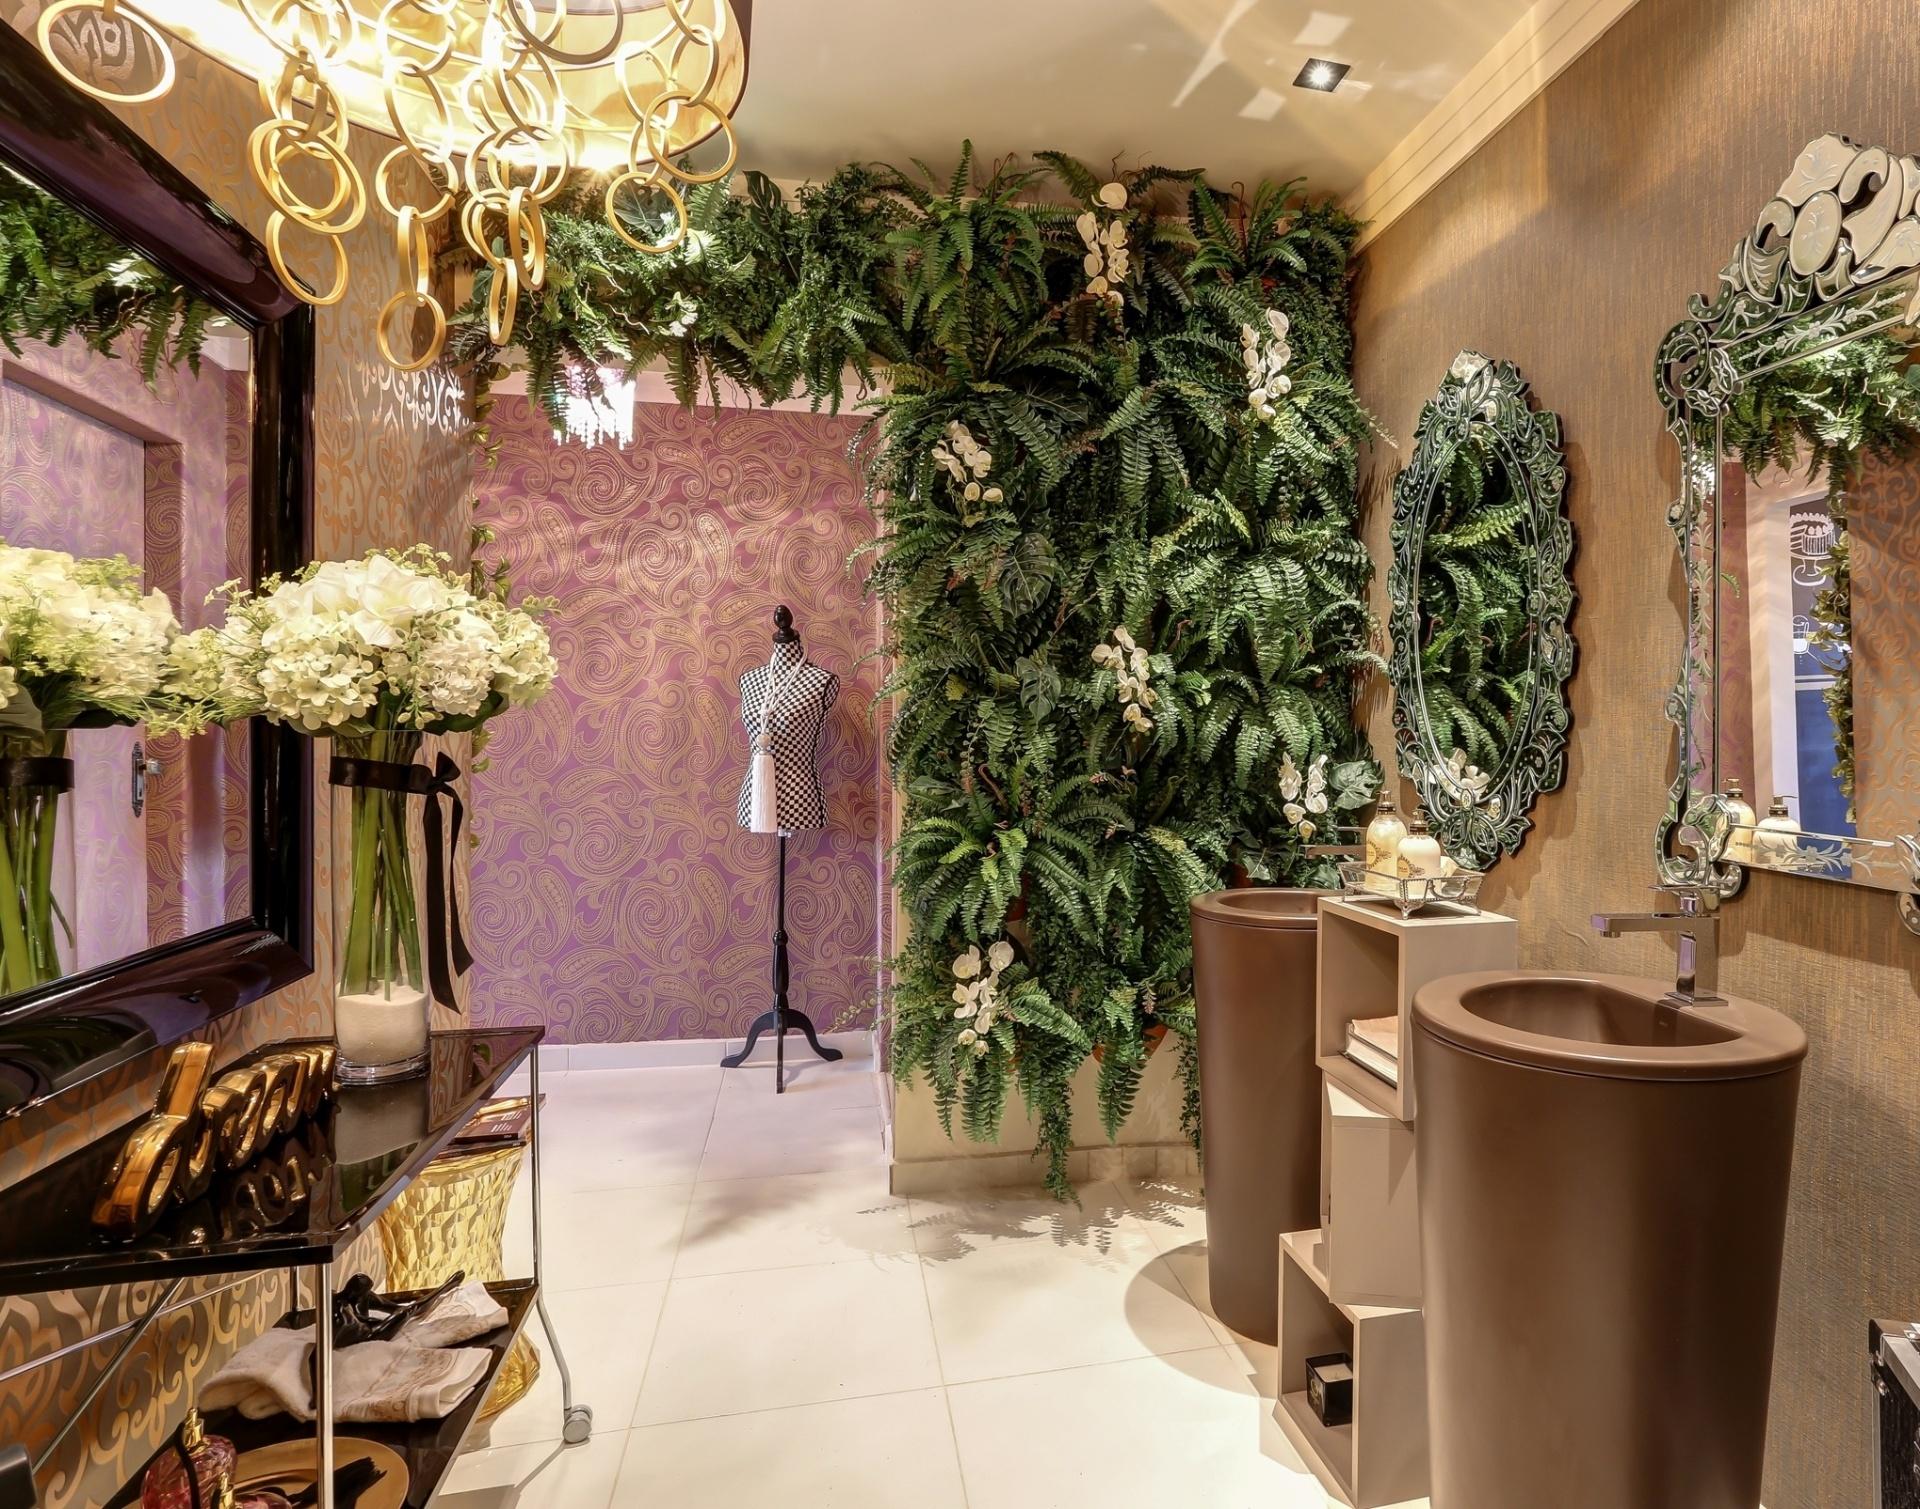 jardim vertical composto por samambaias e orquídeas. A 1º edição #967435 1920x1509 Banheiro Com Jardim Vertical